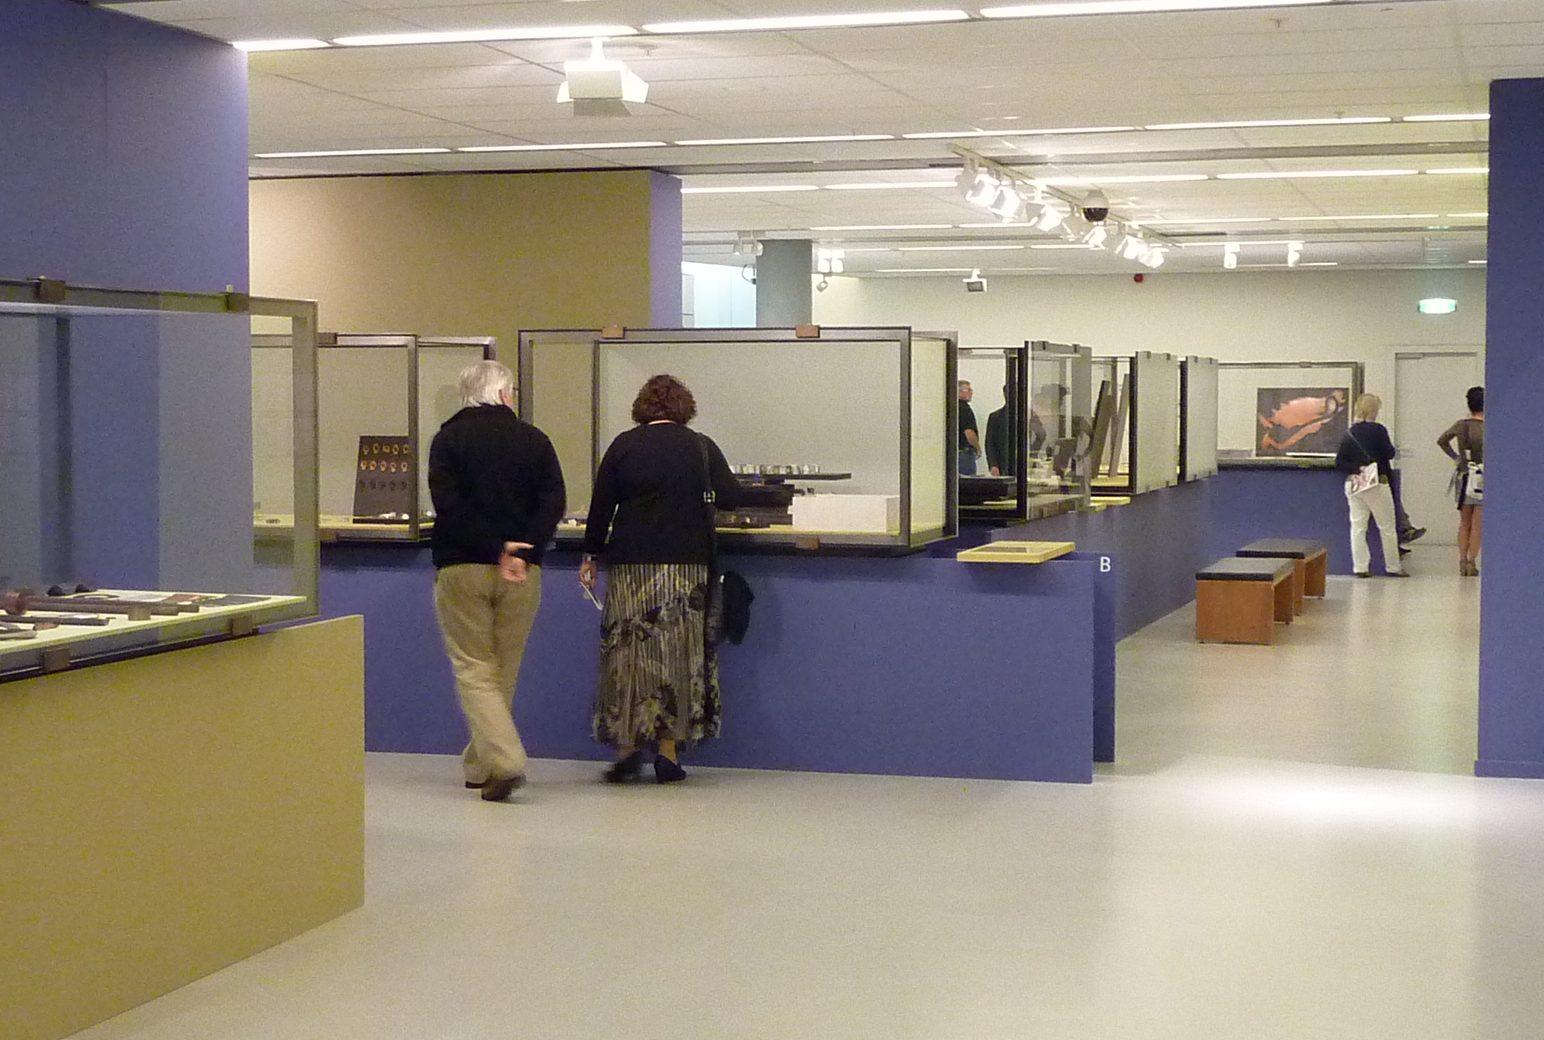 Inrichting Werk in uitvoering door Ward Schrijver, 2010, tentoonstelling, CODA, vitrines